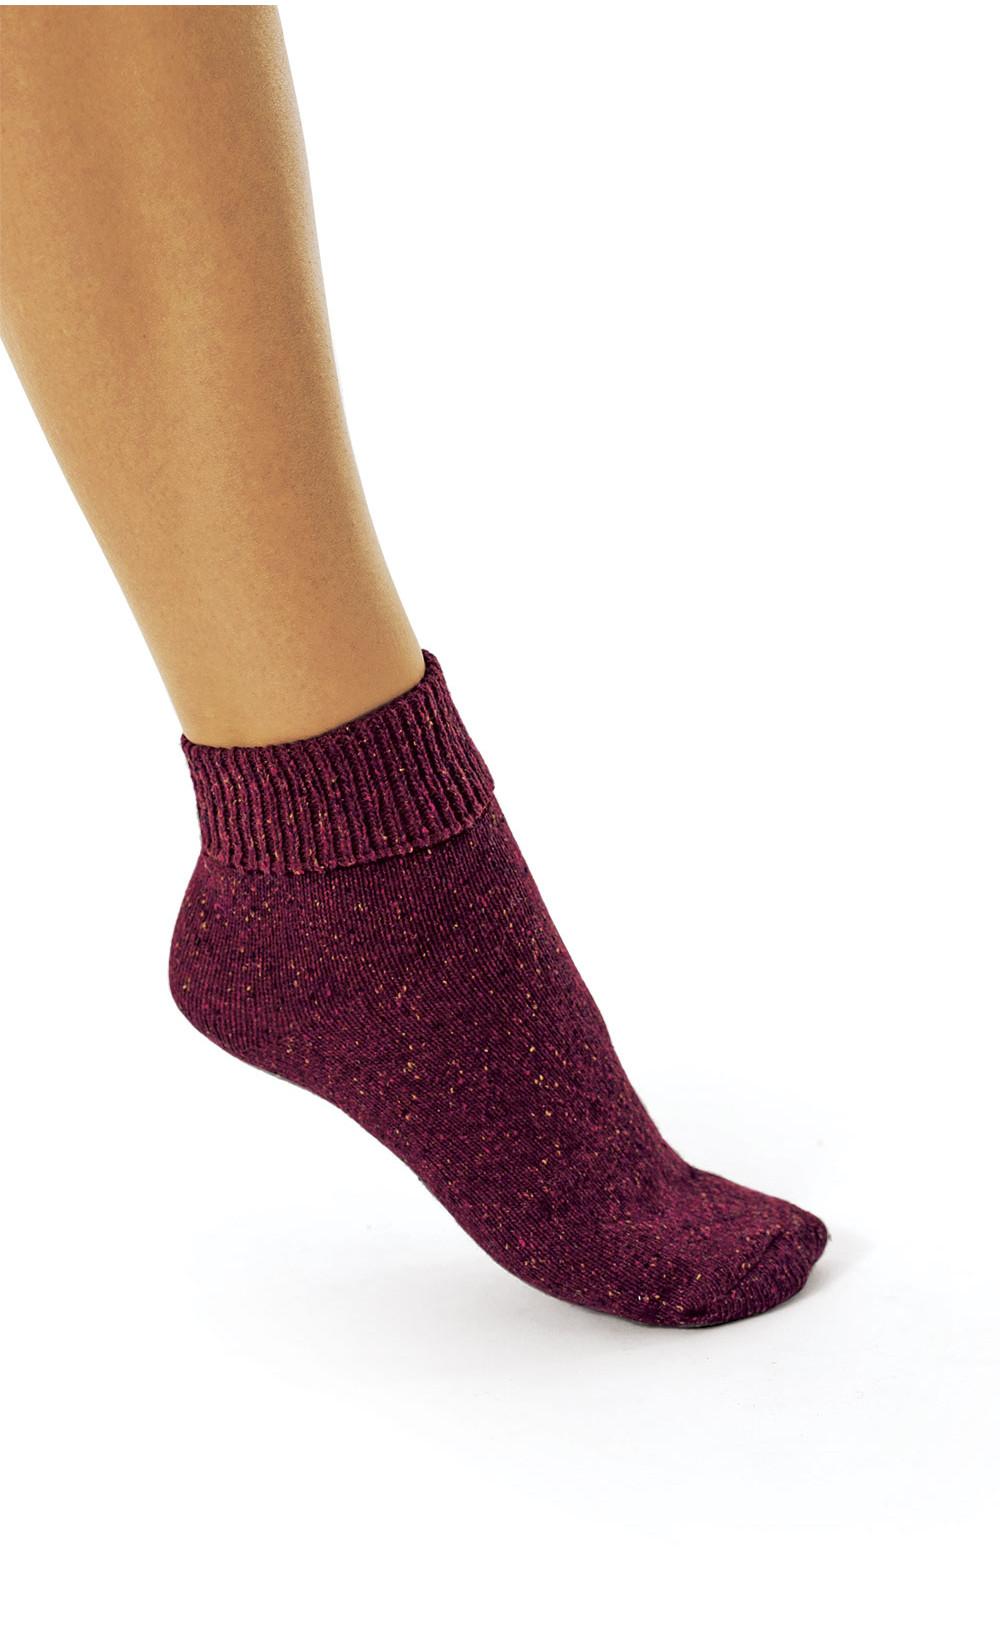 Lot de 2 paires de chaussettes - BOLIDE